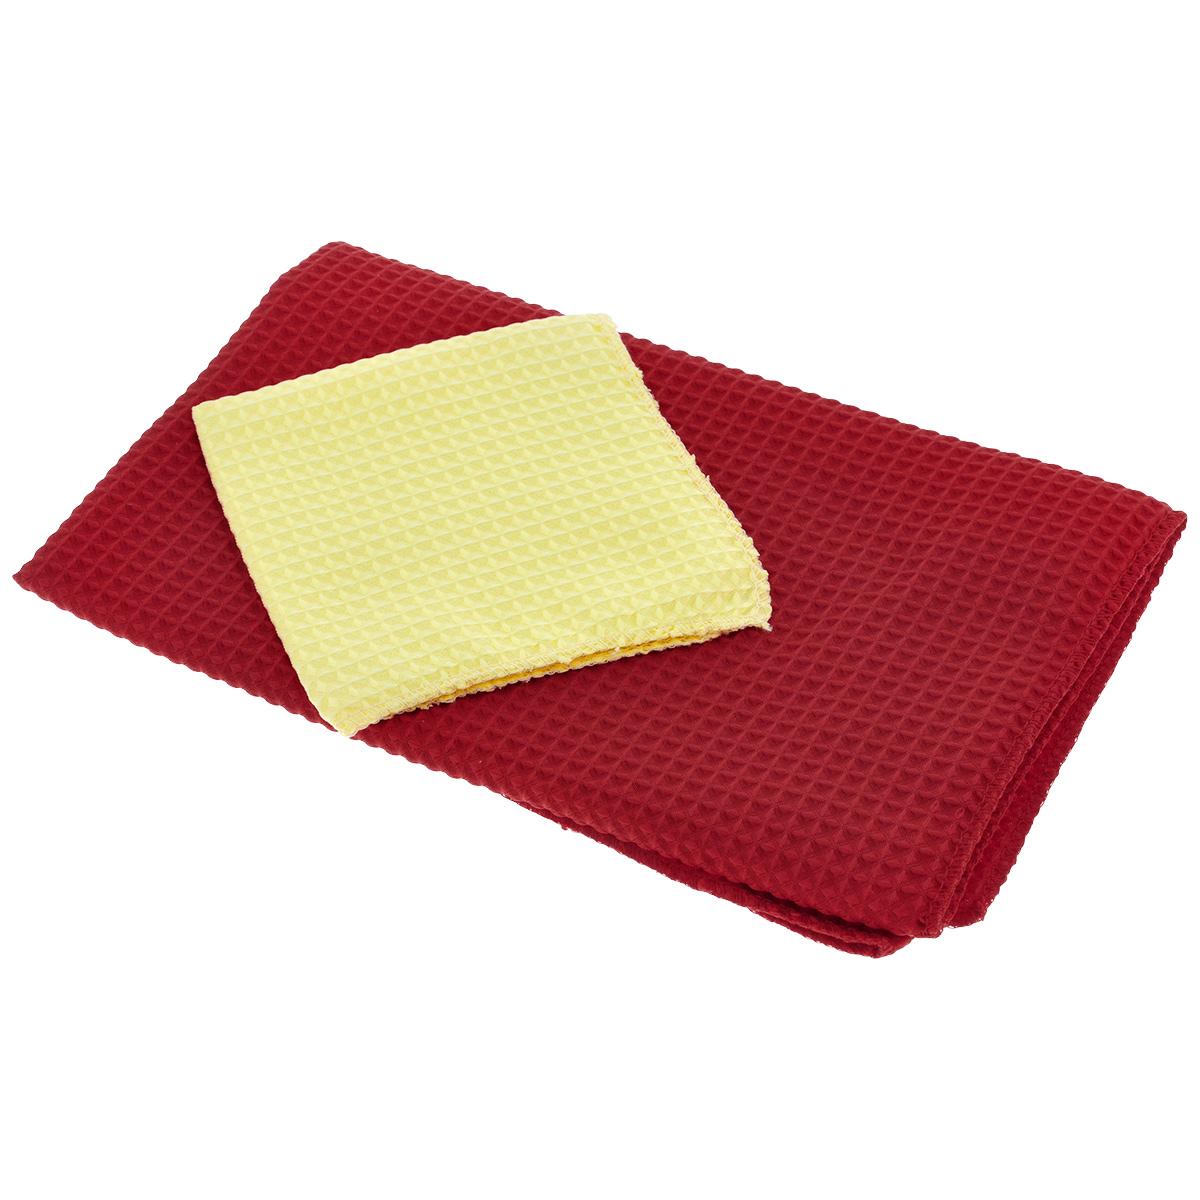 Салфетки универсальные Eva, цвет: красный, желтый, 2 штЕ46Универсальные салфетки Eva, изготовленные из полиэстера и полиамида (полимикрофибры), обладают идеальными для ежедневной уборки свойствами. Они прекрасно подходят как для влажной, так и для сухой уборки. Не оставляют ворсинок и разводов, прекрасно впитывают воду, хорошо стираются и сохраняют свои свойства после многократного использования. Идеально подходят для любых поверхностей. Полимикрофибра - уникальный по свойствам материал, сочетающий в себе удивительную мягкость, прочность и влагоемкость. Не случайно эта ткань завоевала любовь домохозяек во всем мире. Салфеткой из полимикрофибры можно легко и быстро очистить любую поверхность без лишних усилий. В комплекте - 2 салфетки разного размера. Размер салфеток: 23 см х 23 см; 60 см х 48 см.